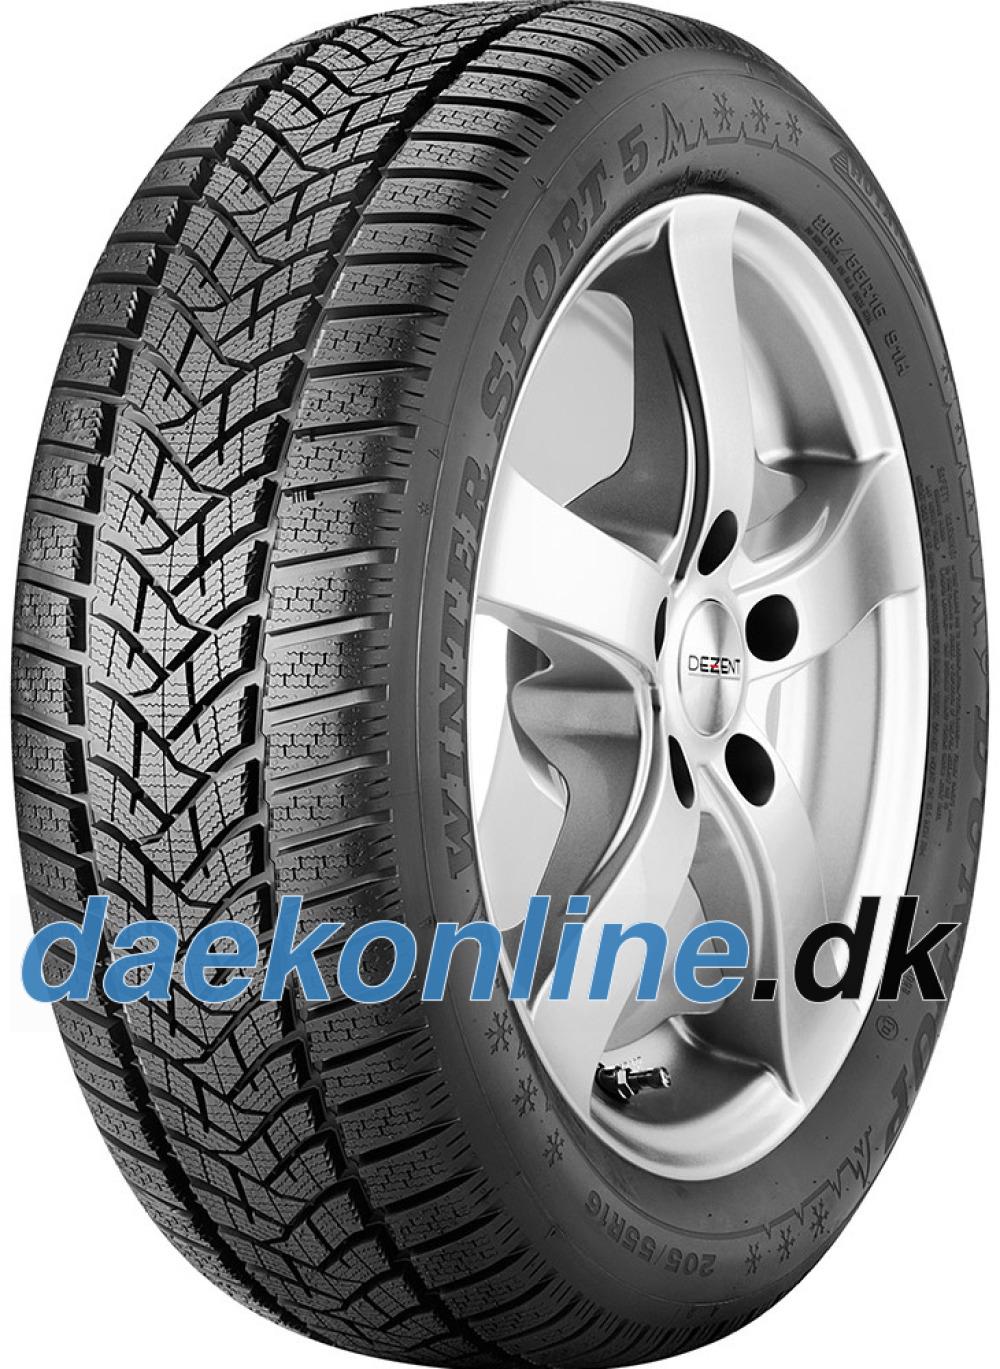 Dunlop Winter Sport 5 ( 235/65 R17 108V XL SUV )